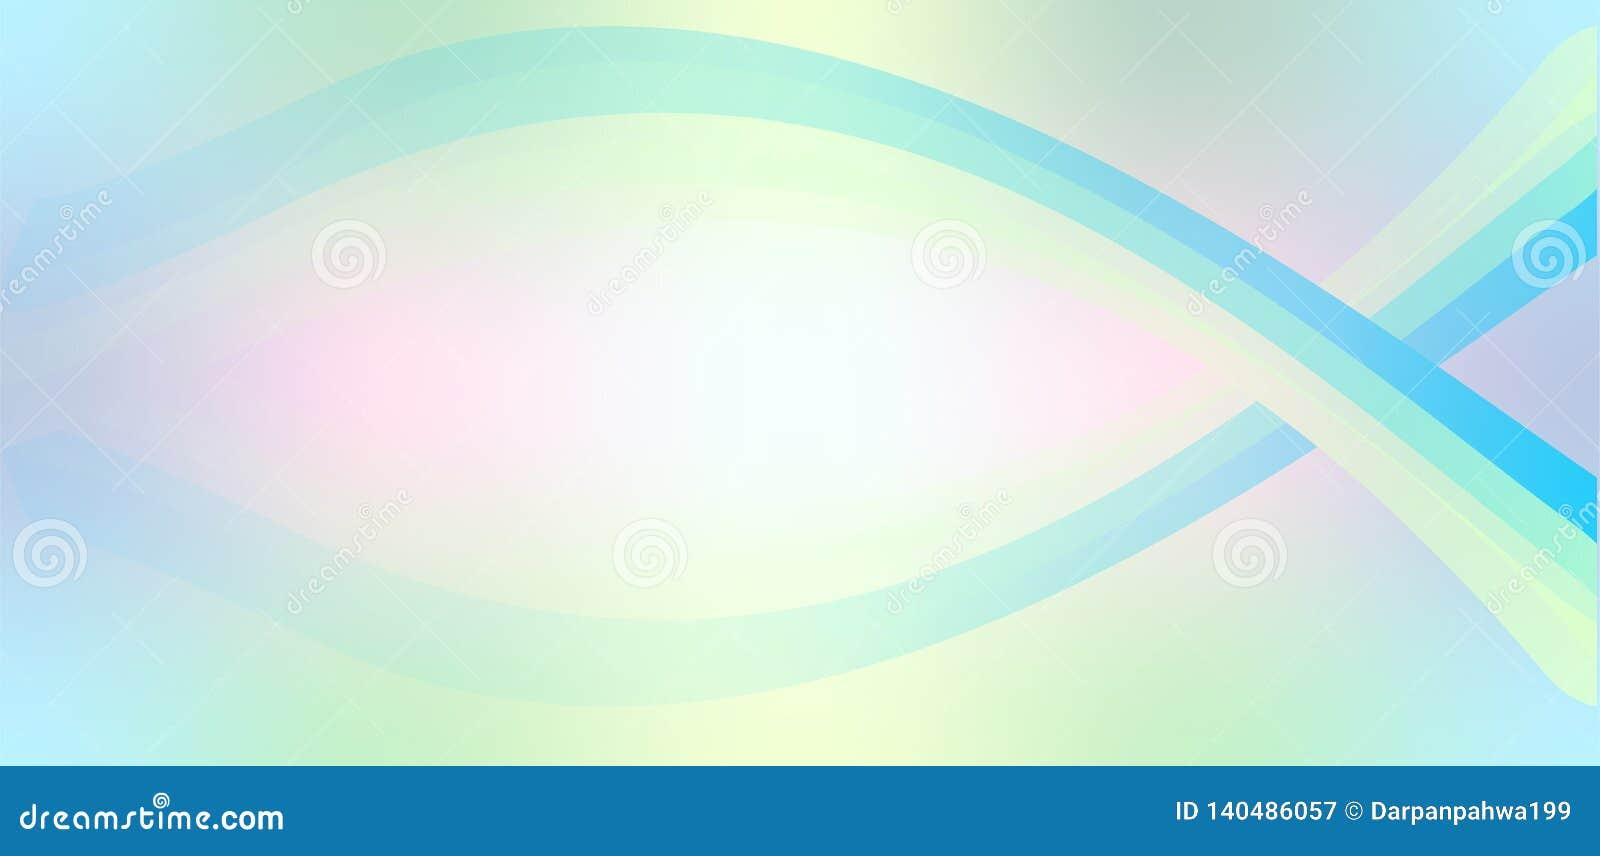 Linee variopinte eleganti fondo astratto dell onda di stile futuristico